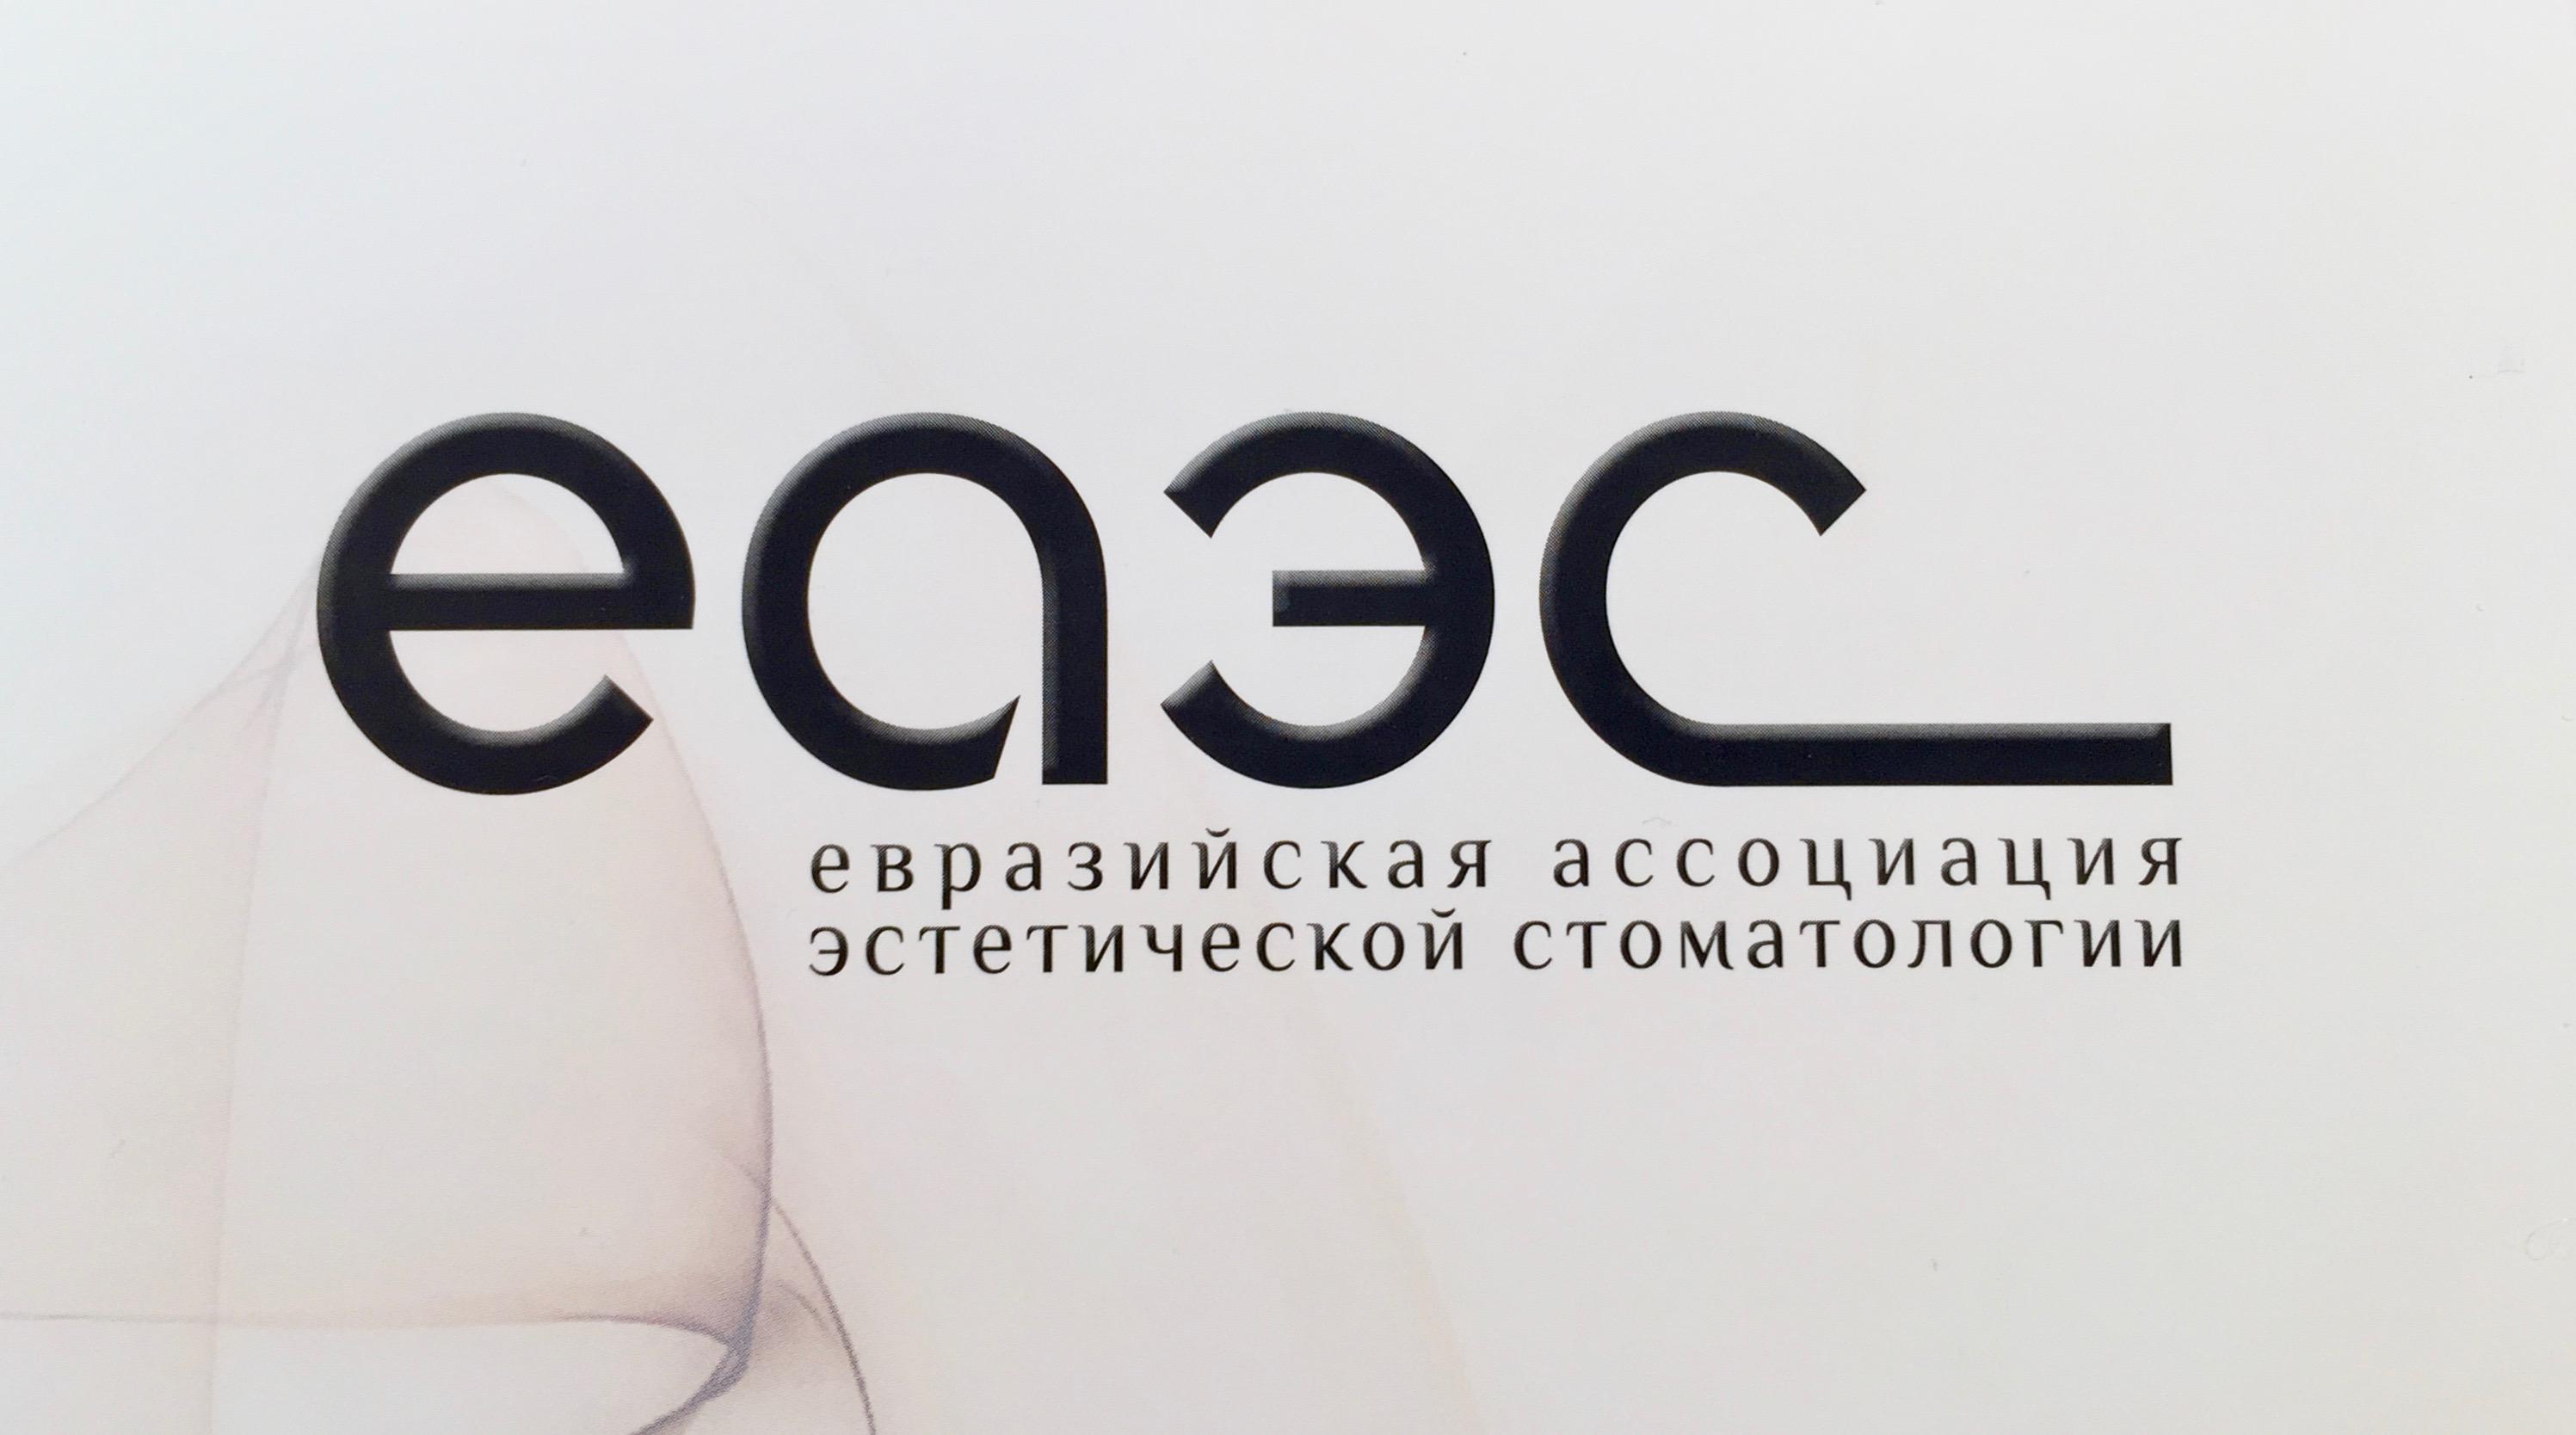 Евразийская Ассоциация Эстетической Стоматологии